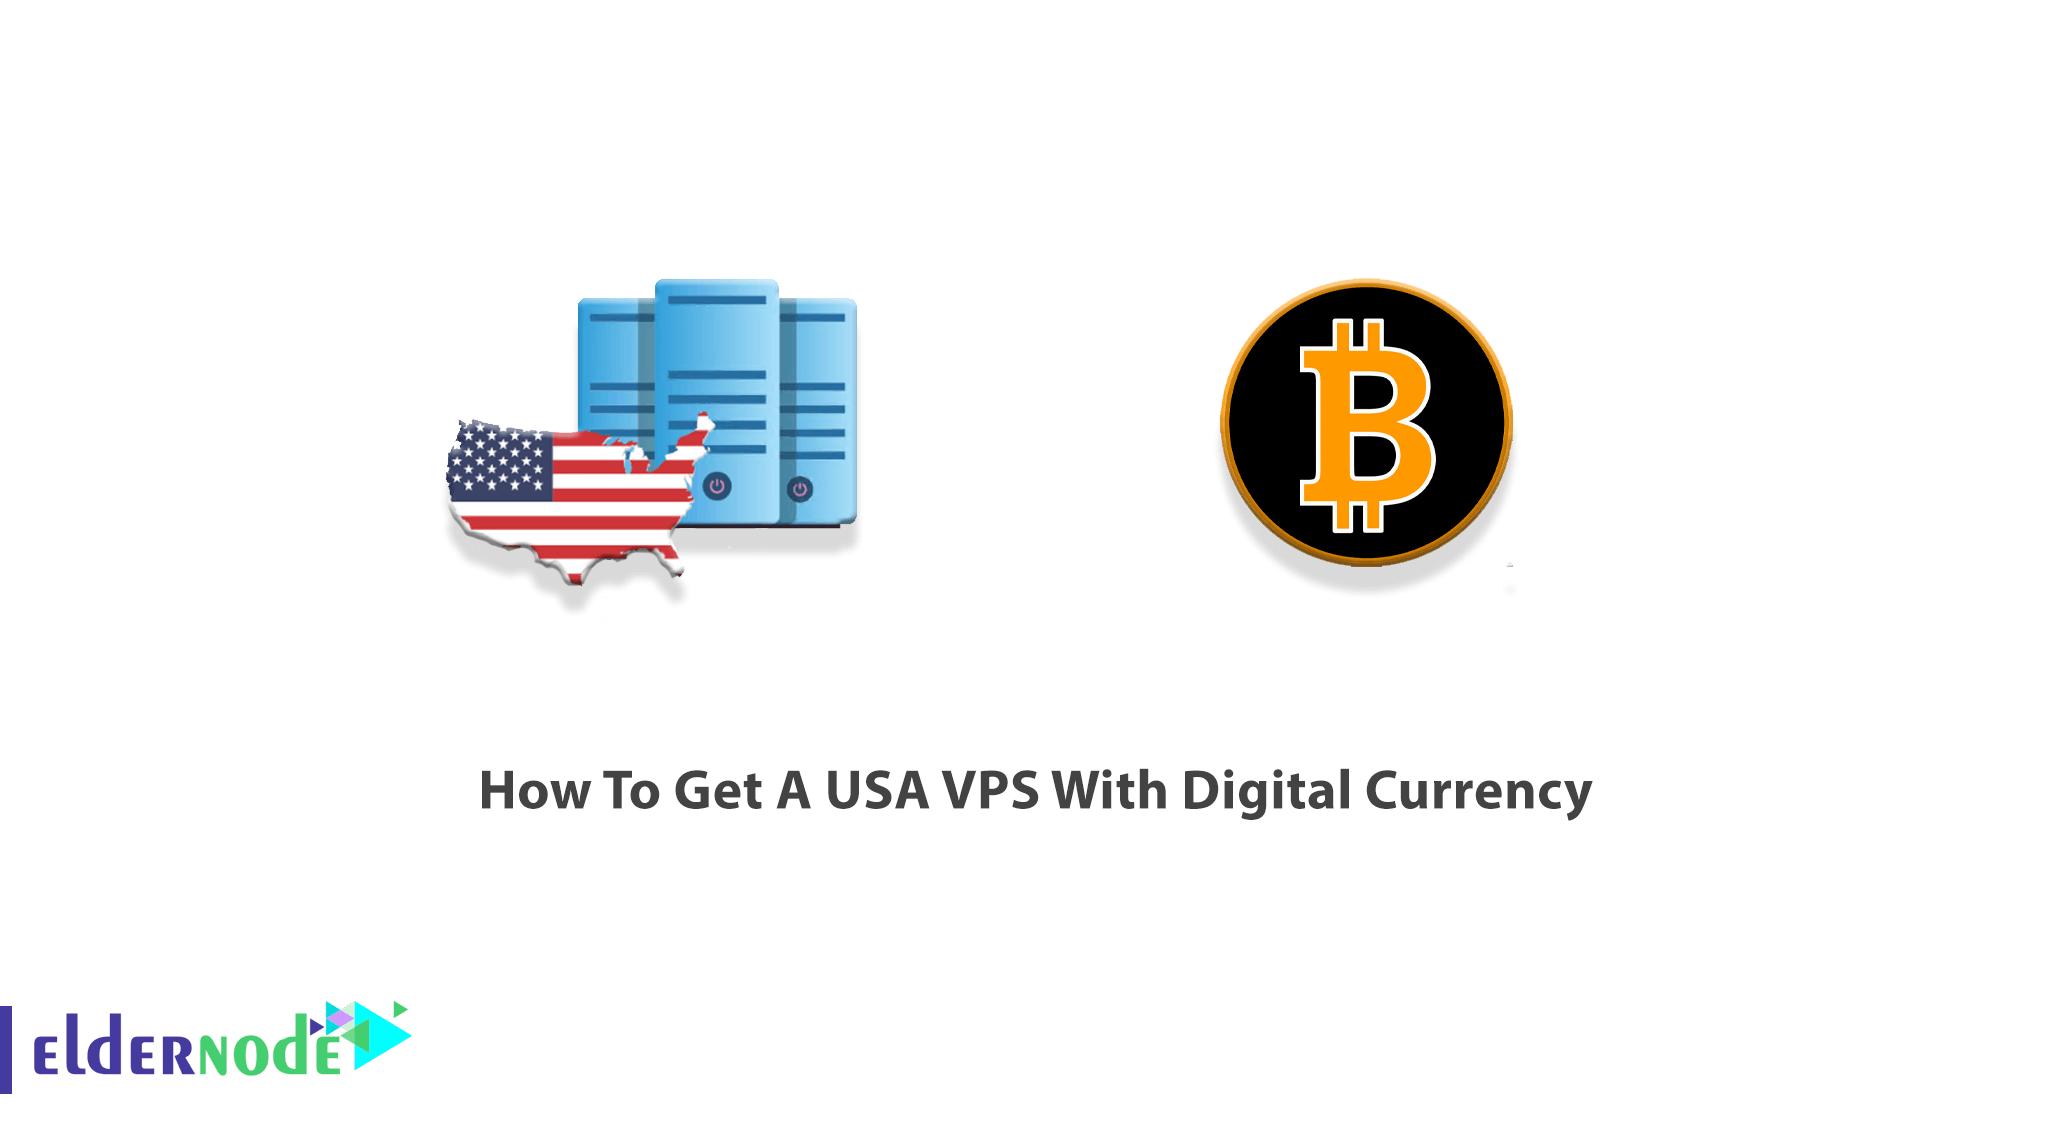 如何使用数字货币获得美国VPS